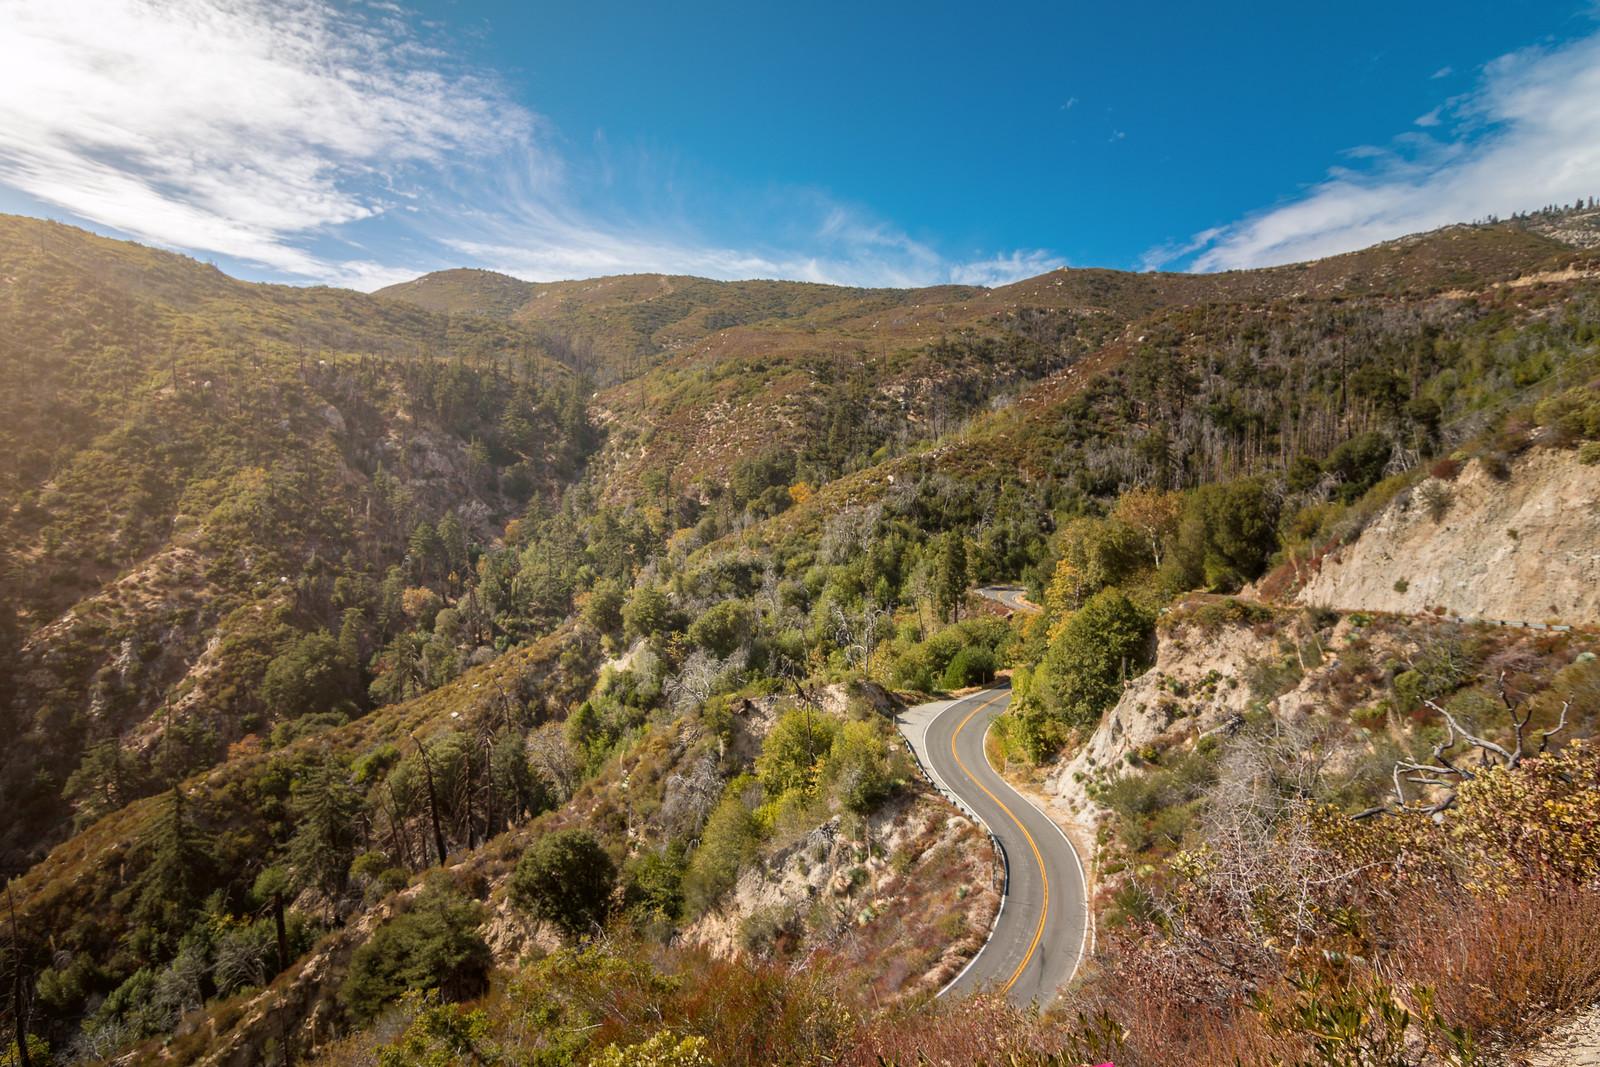 Highway 39 in California